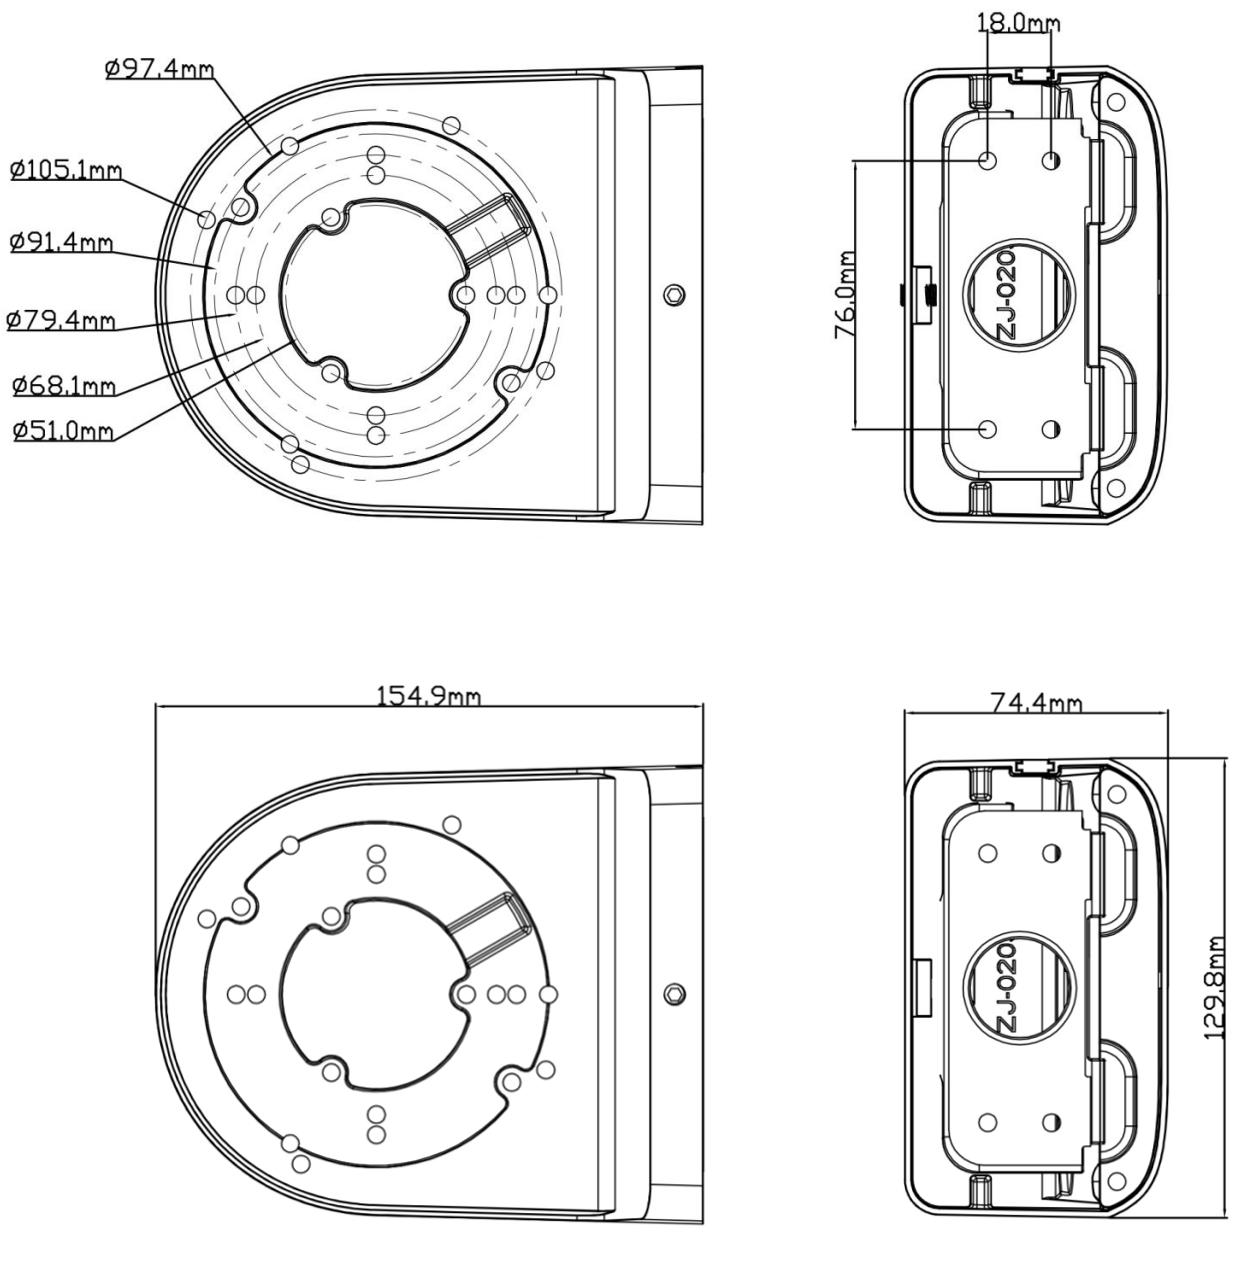 JB-603 - Wymiary uchwytu podane w milimetrach.